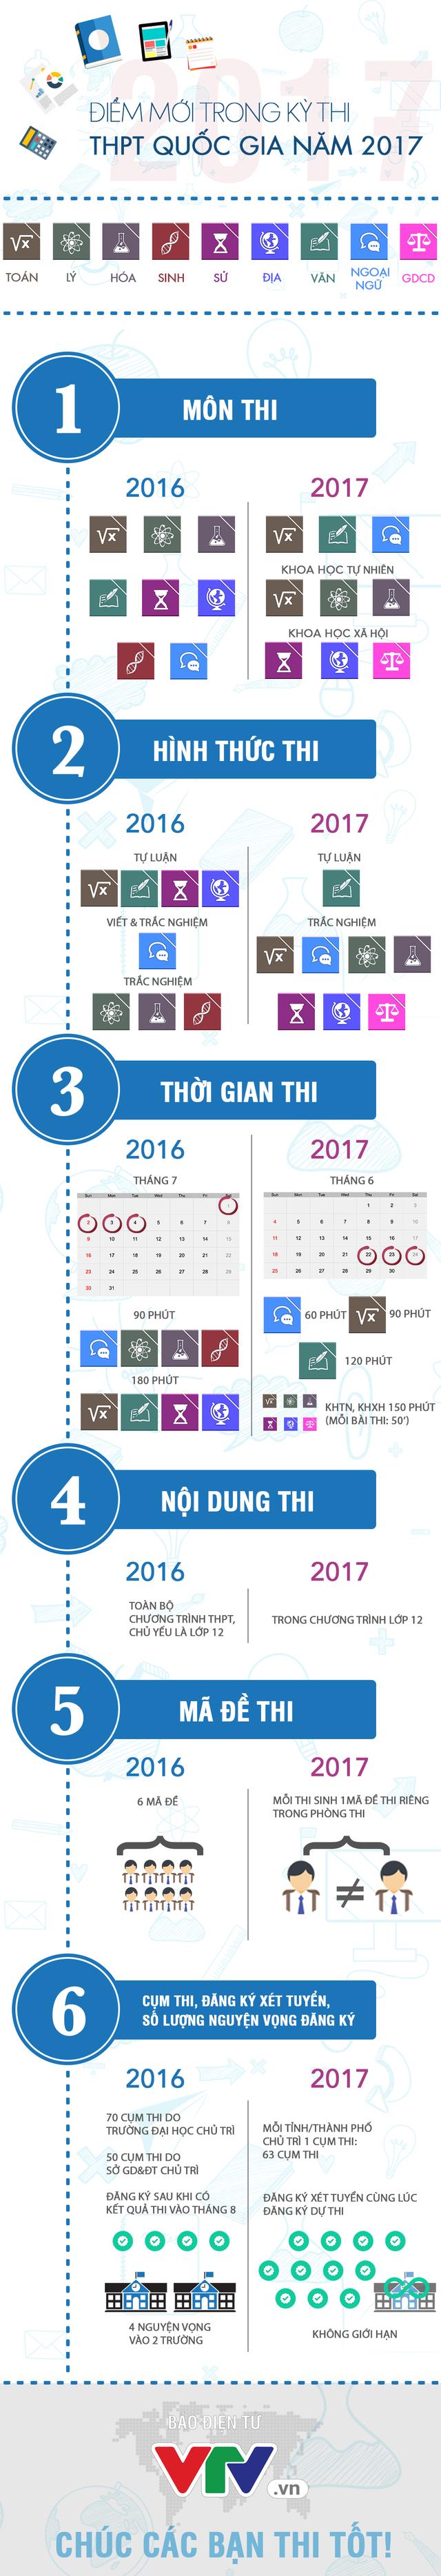 [INFOGRAPHIC] Những điểm mới chỉ có trong kỳ thi THPT Quốc gia năm 2017 - Ảnh 1.